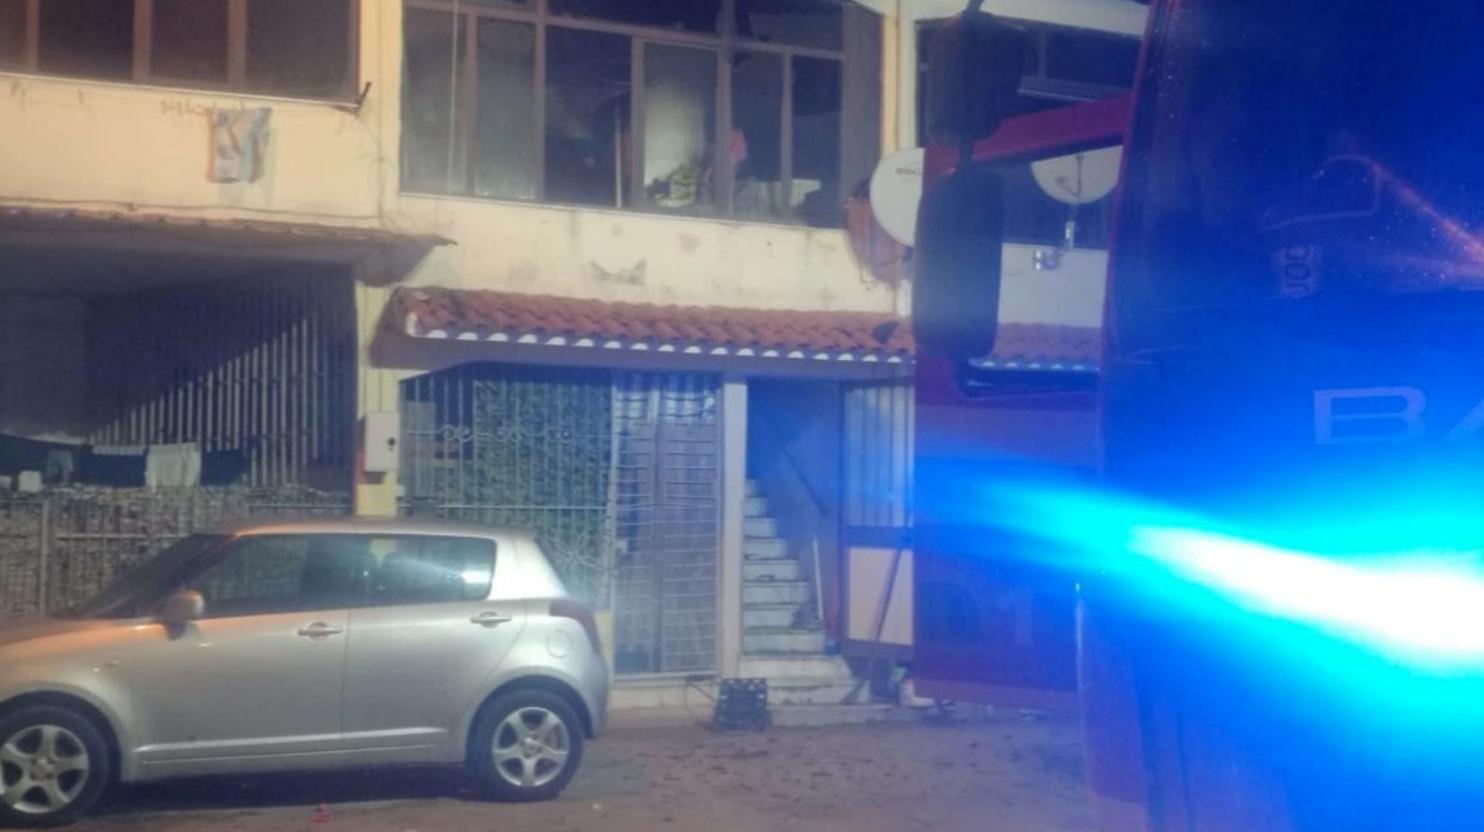 Fiamme in una casa a Castel Volturno, un morto: moglie e figlia salve